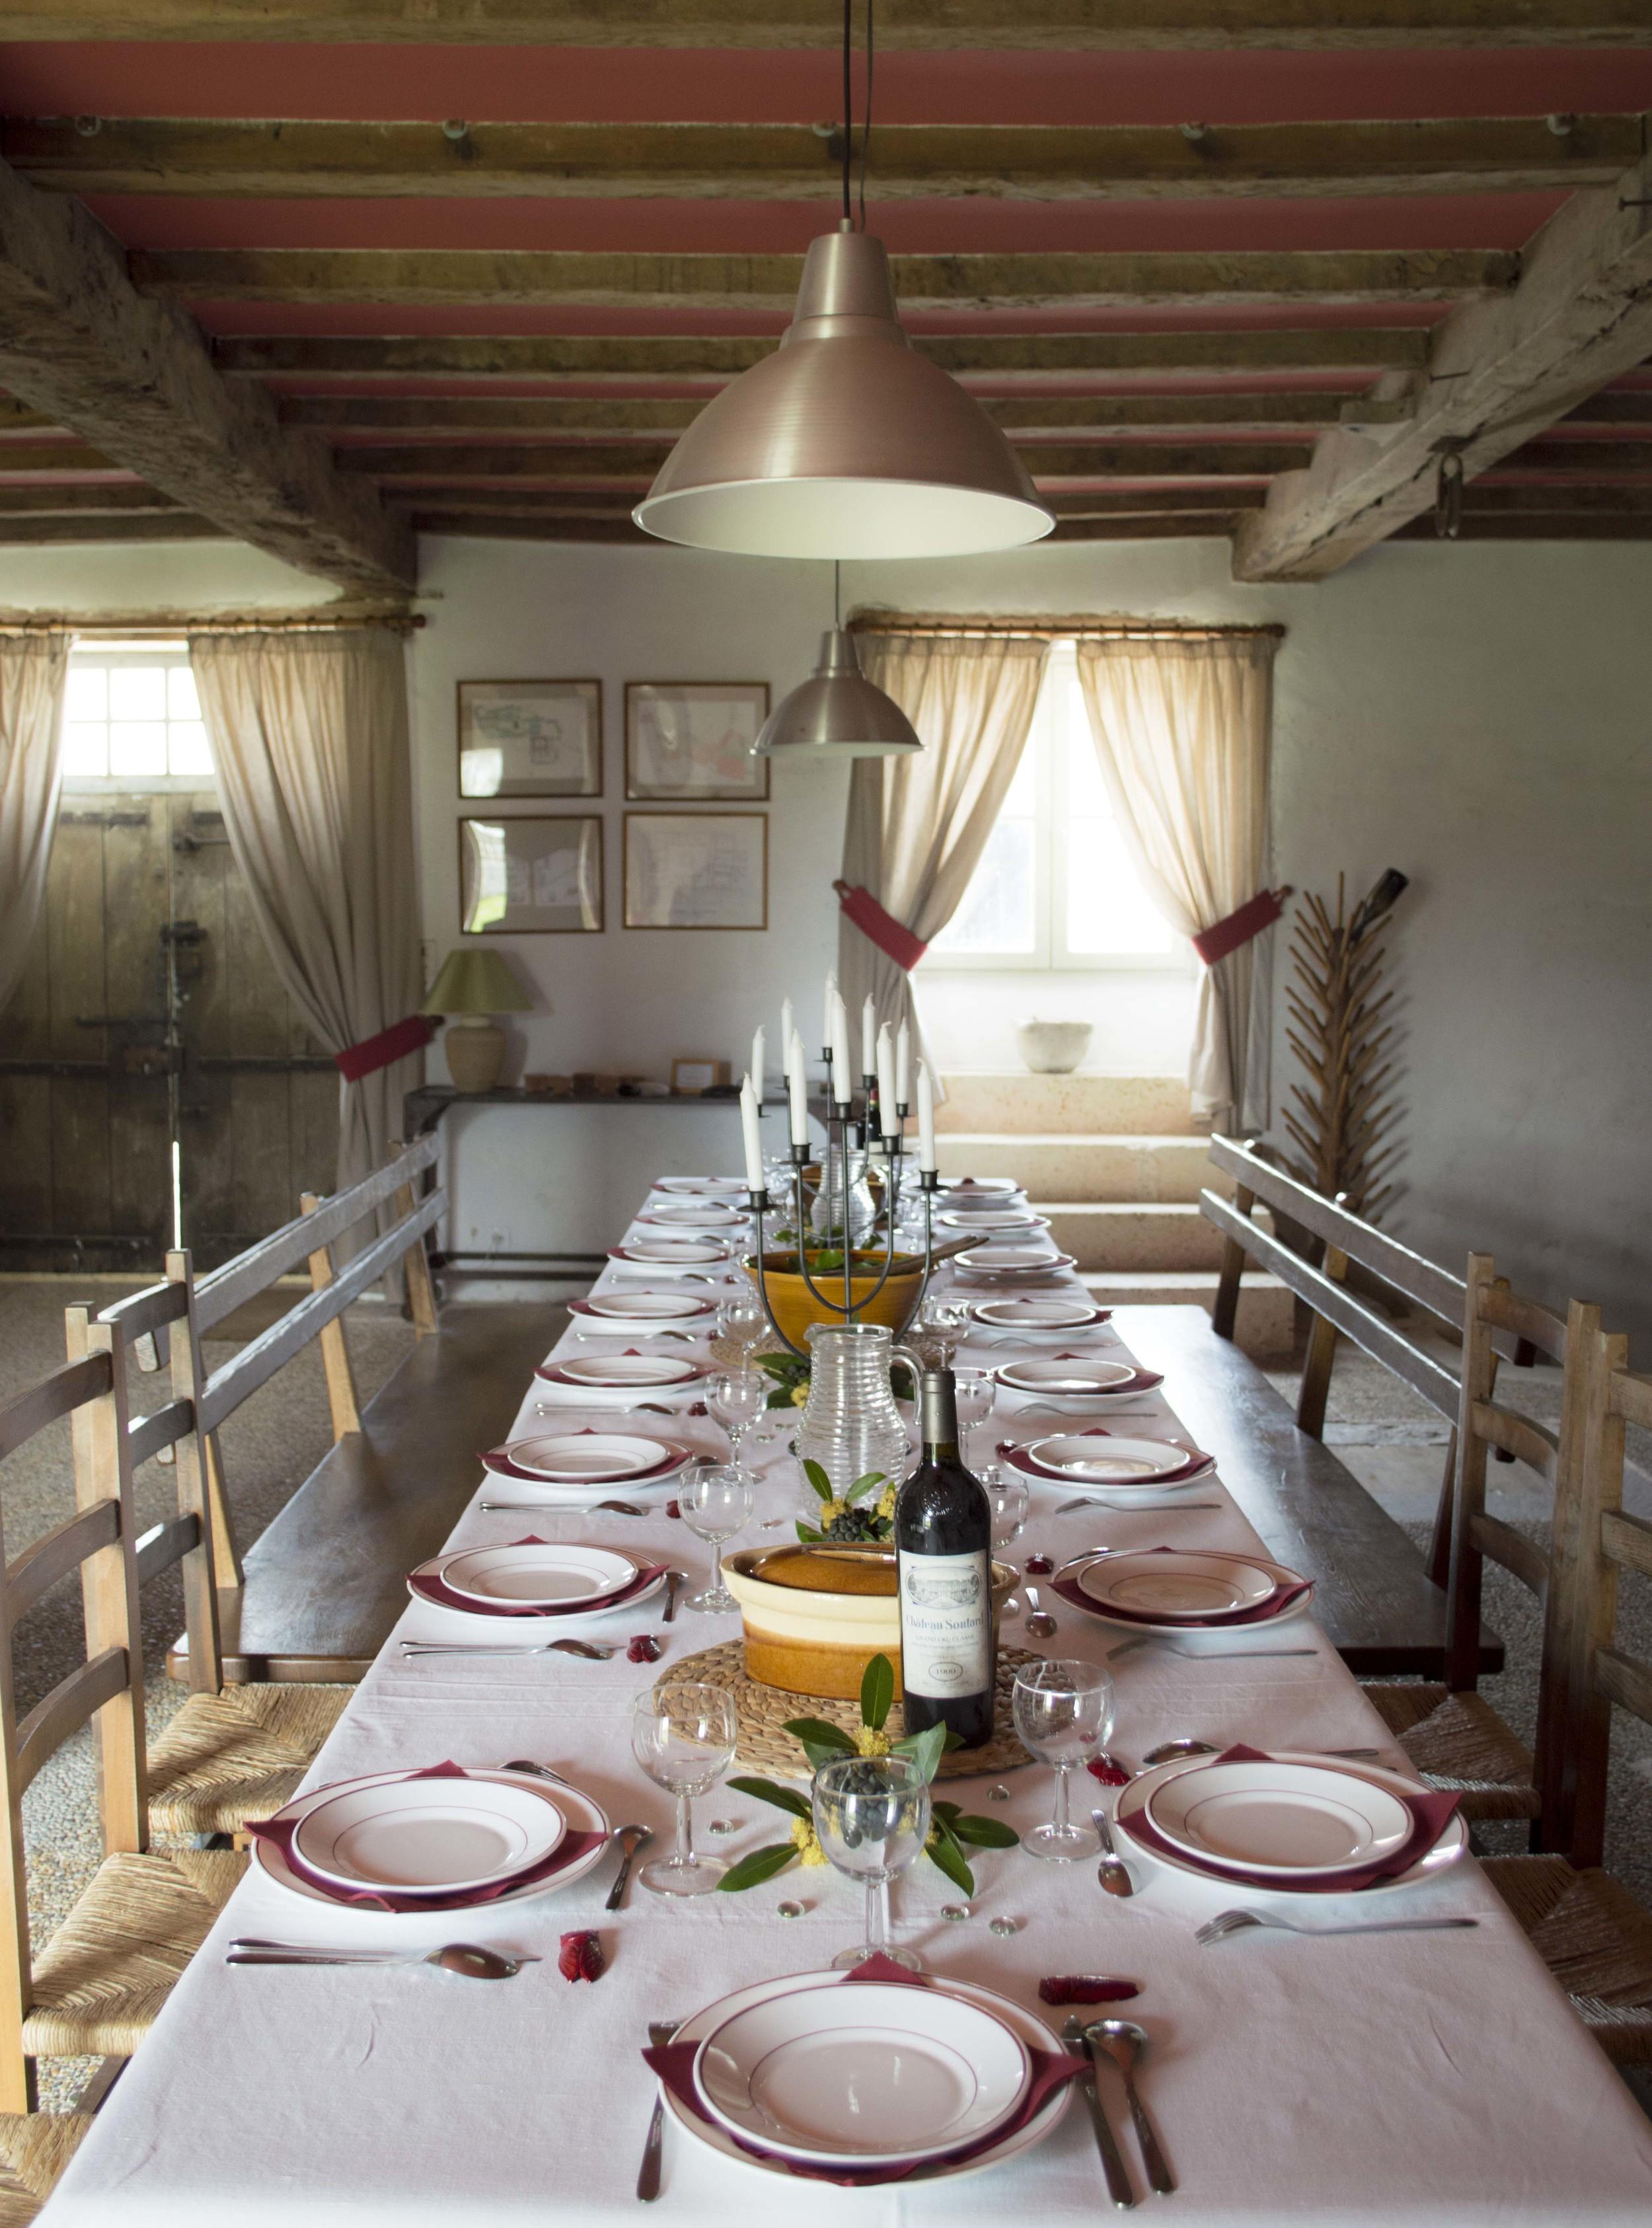 La meyfrenie - les grands Chais - Gite - Guesthouse -Holidays - Verteillac